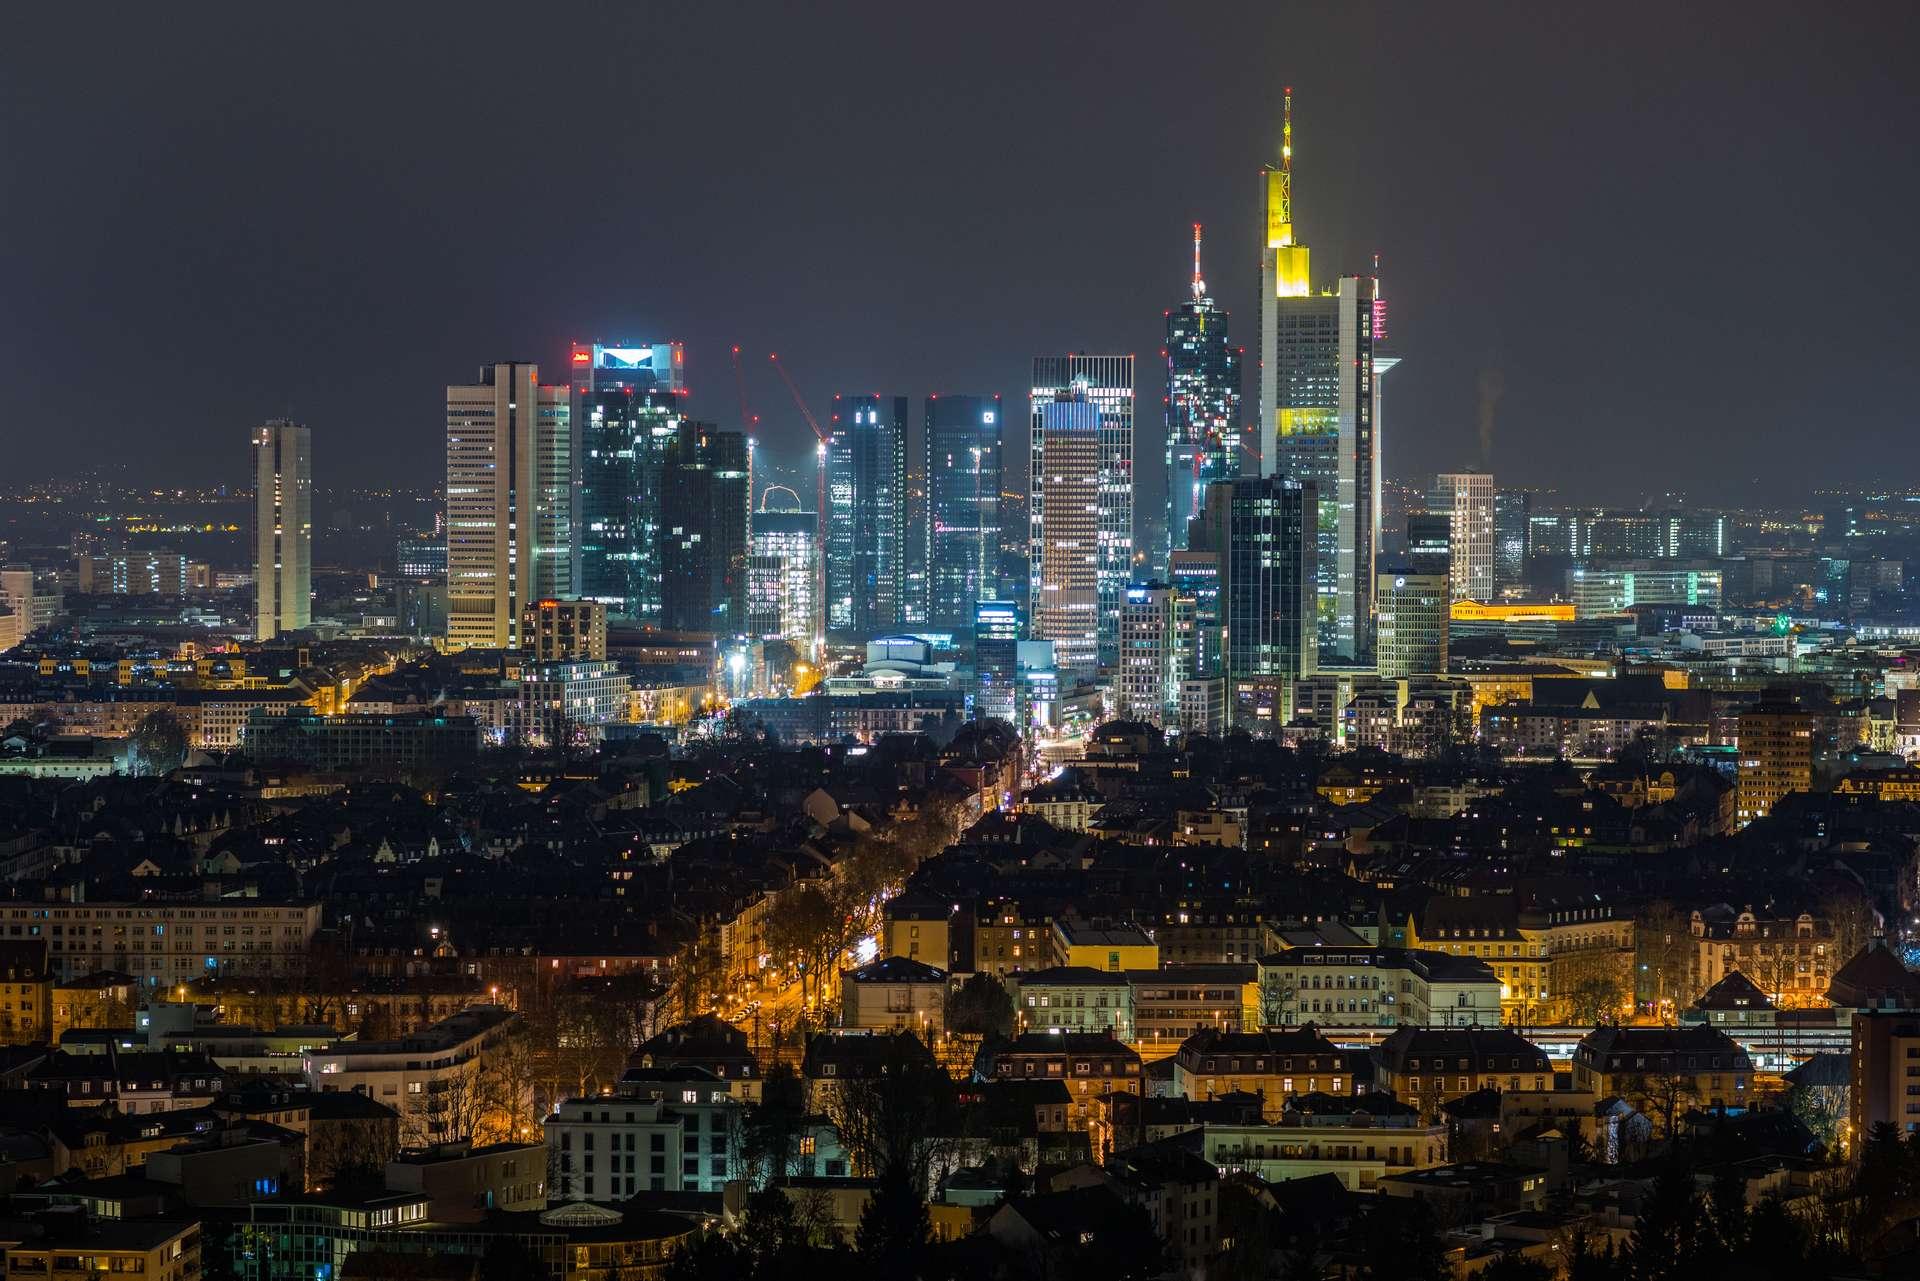 Attribuer les émissions carbone différemment pourrait inciter les multinationales à en émettre moins. © Razvan.vasile, Adobe Stock